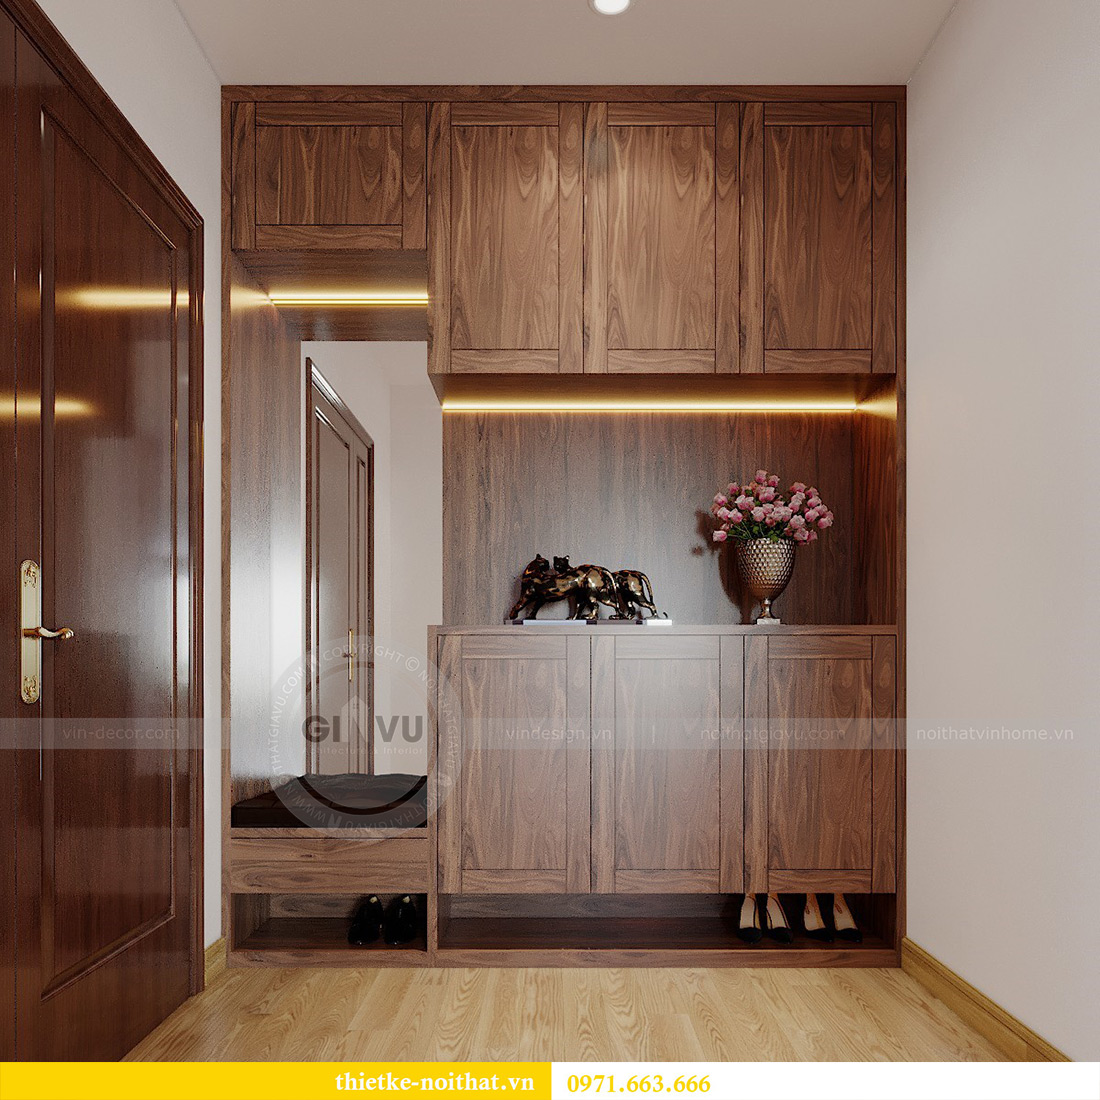 Thiết kế nội thất Vinhomes Metropolis Liễu Giai tòa M2 căn 11 - anh Thắng 1